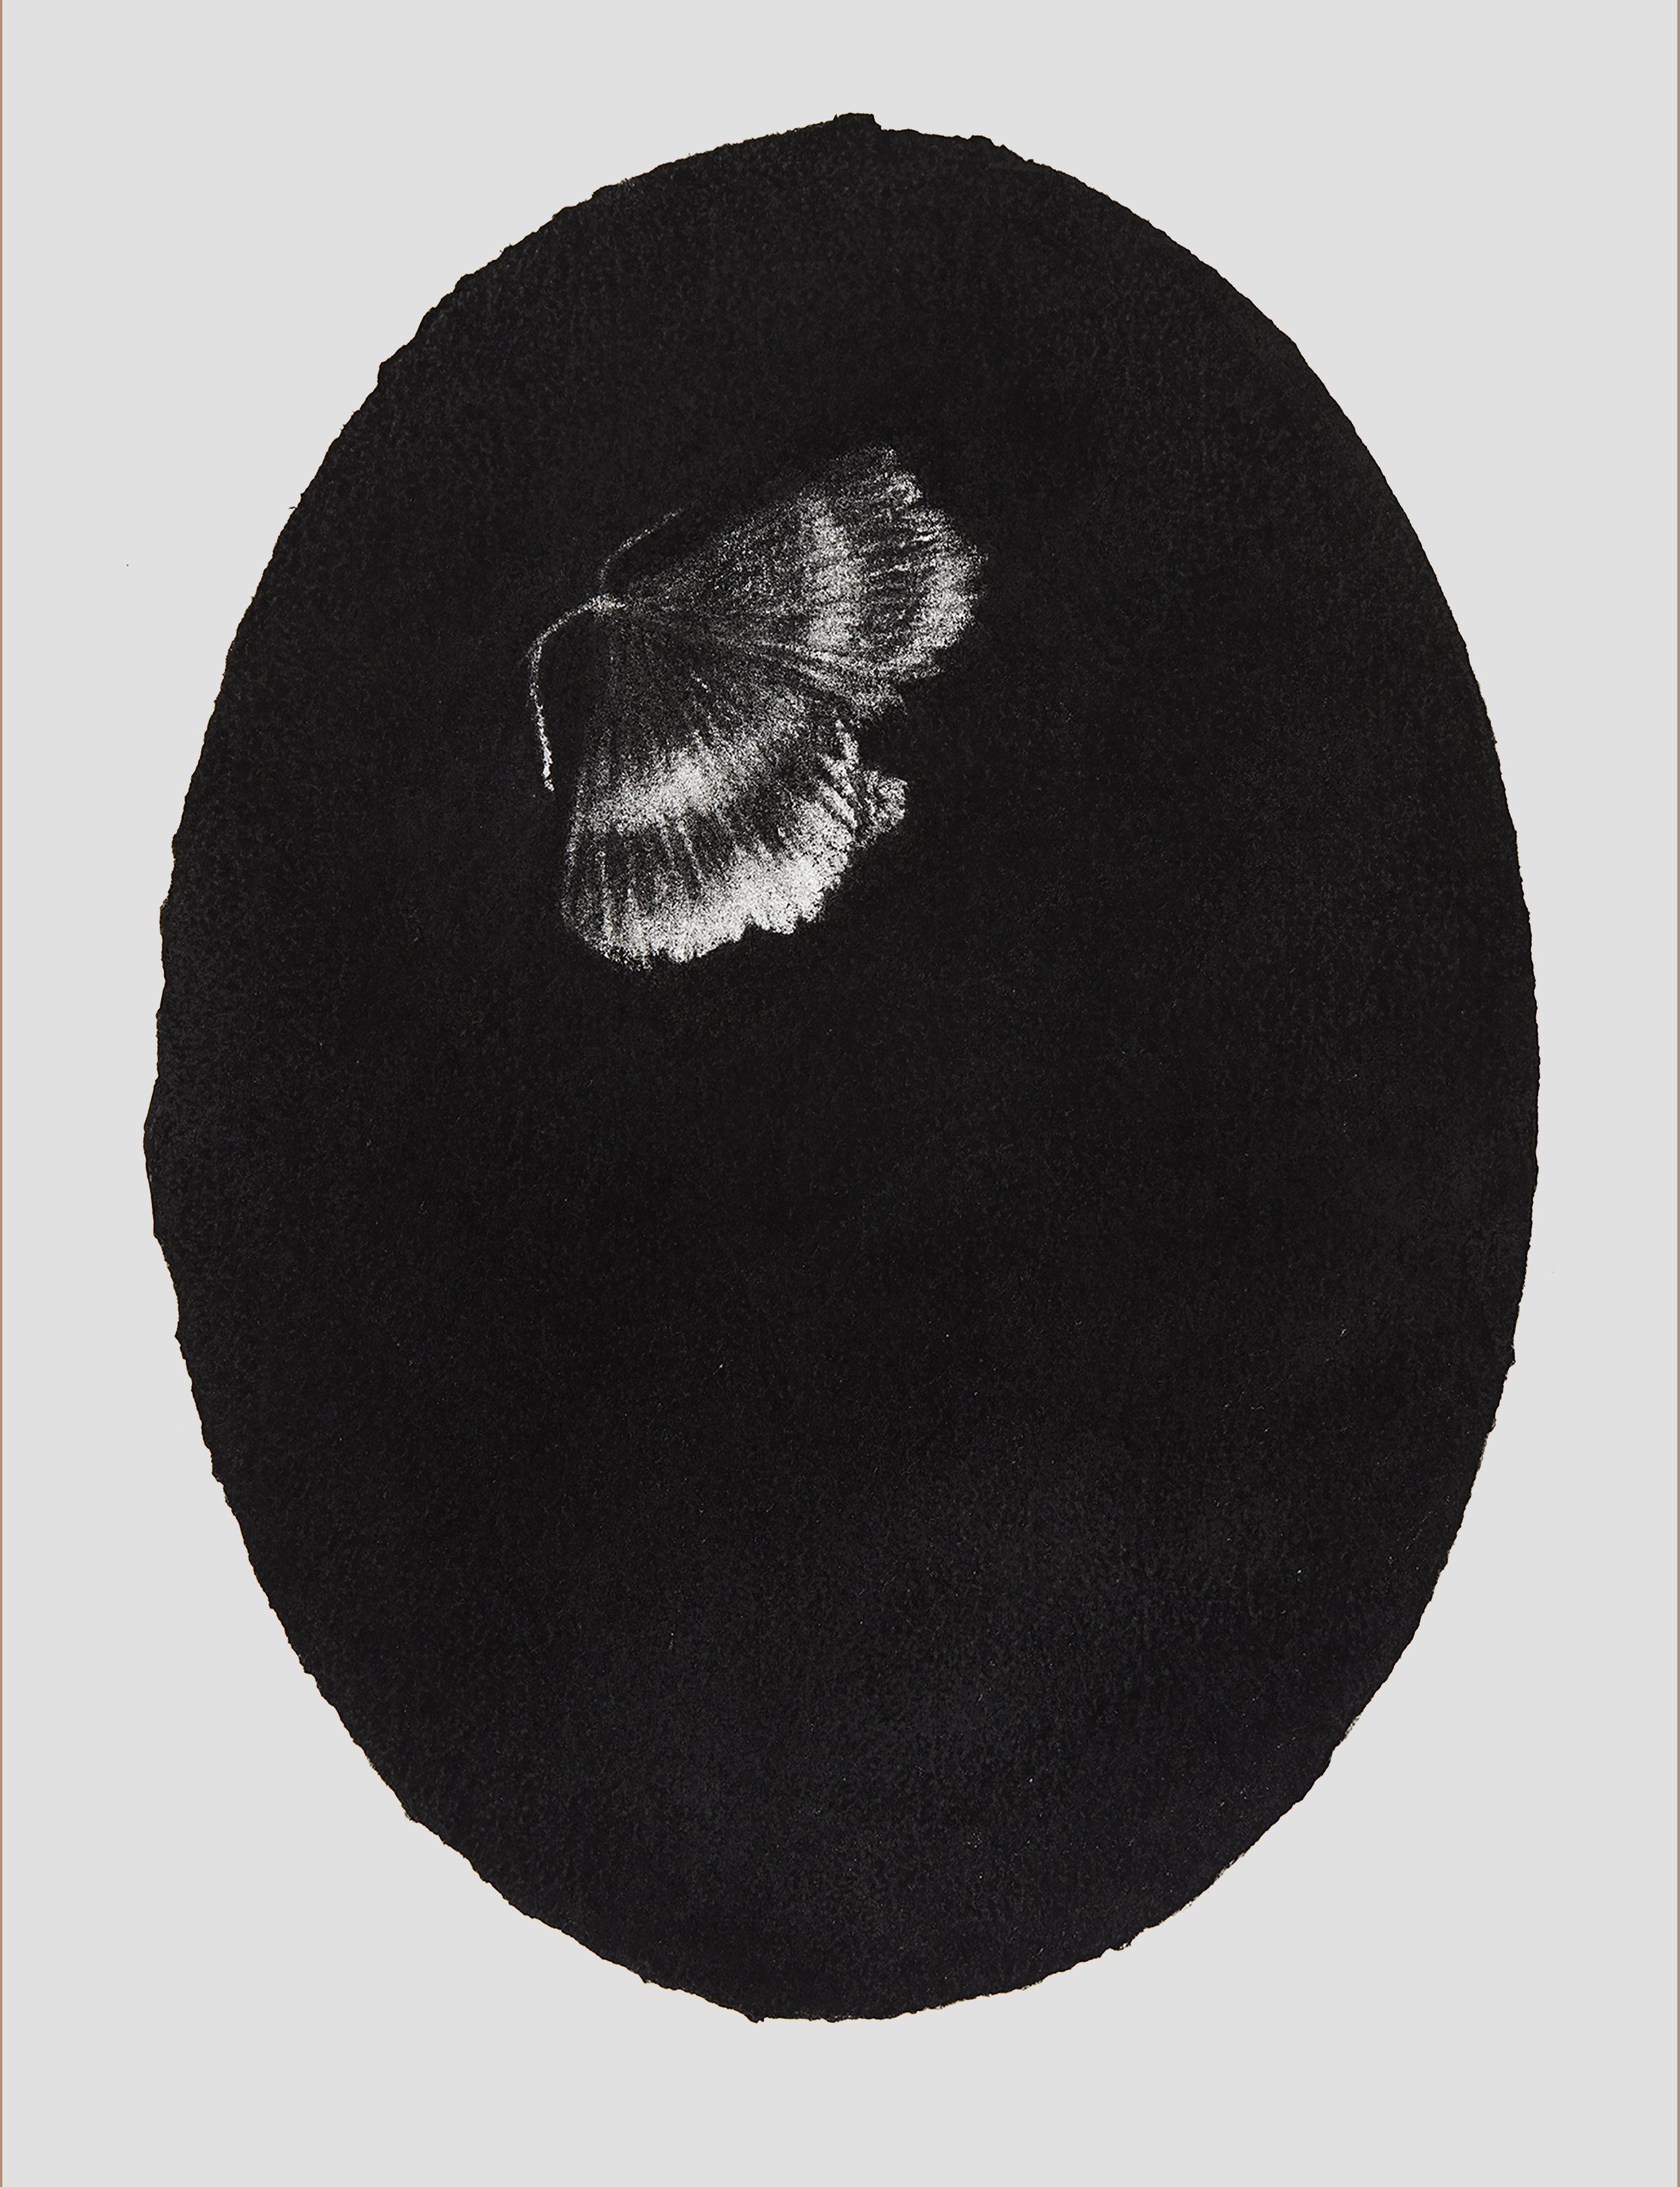 portrait moth, 2017, 44x33cm, charcoal on paper